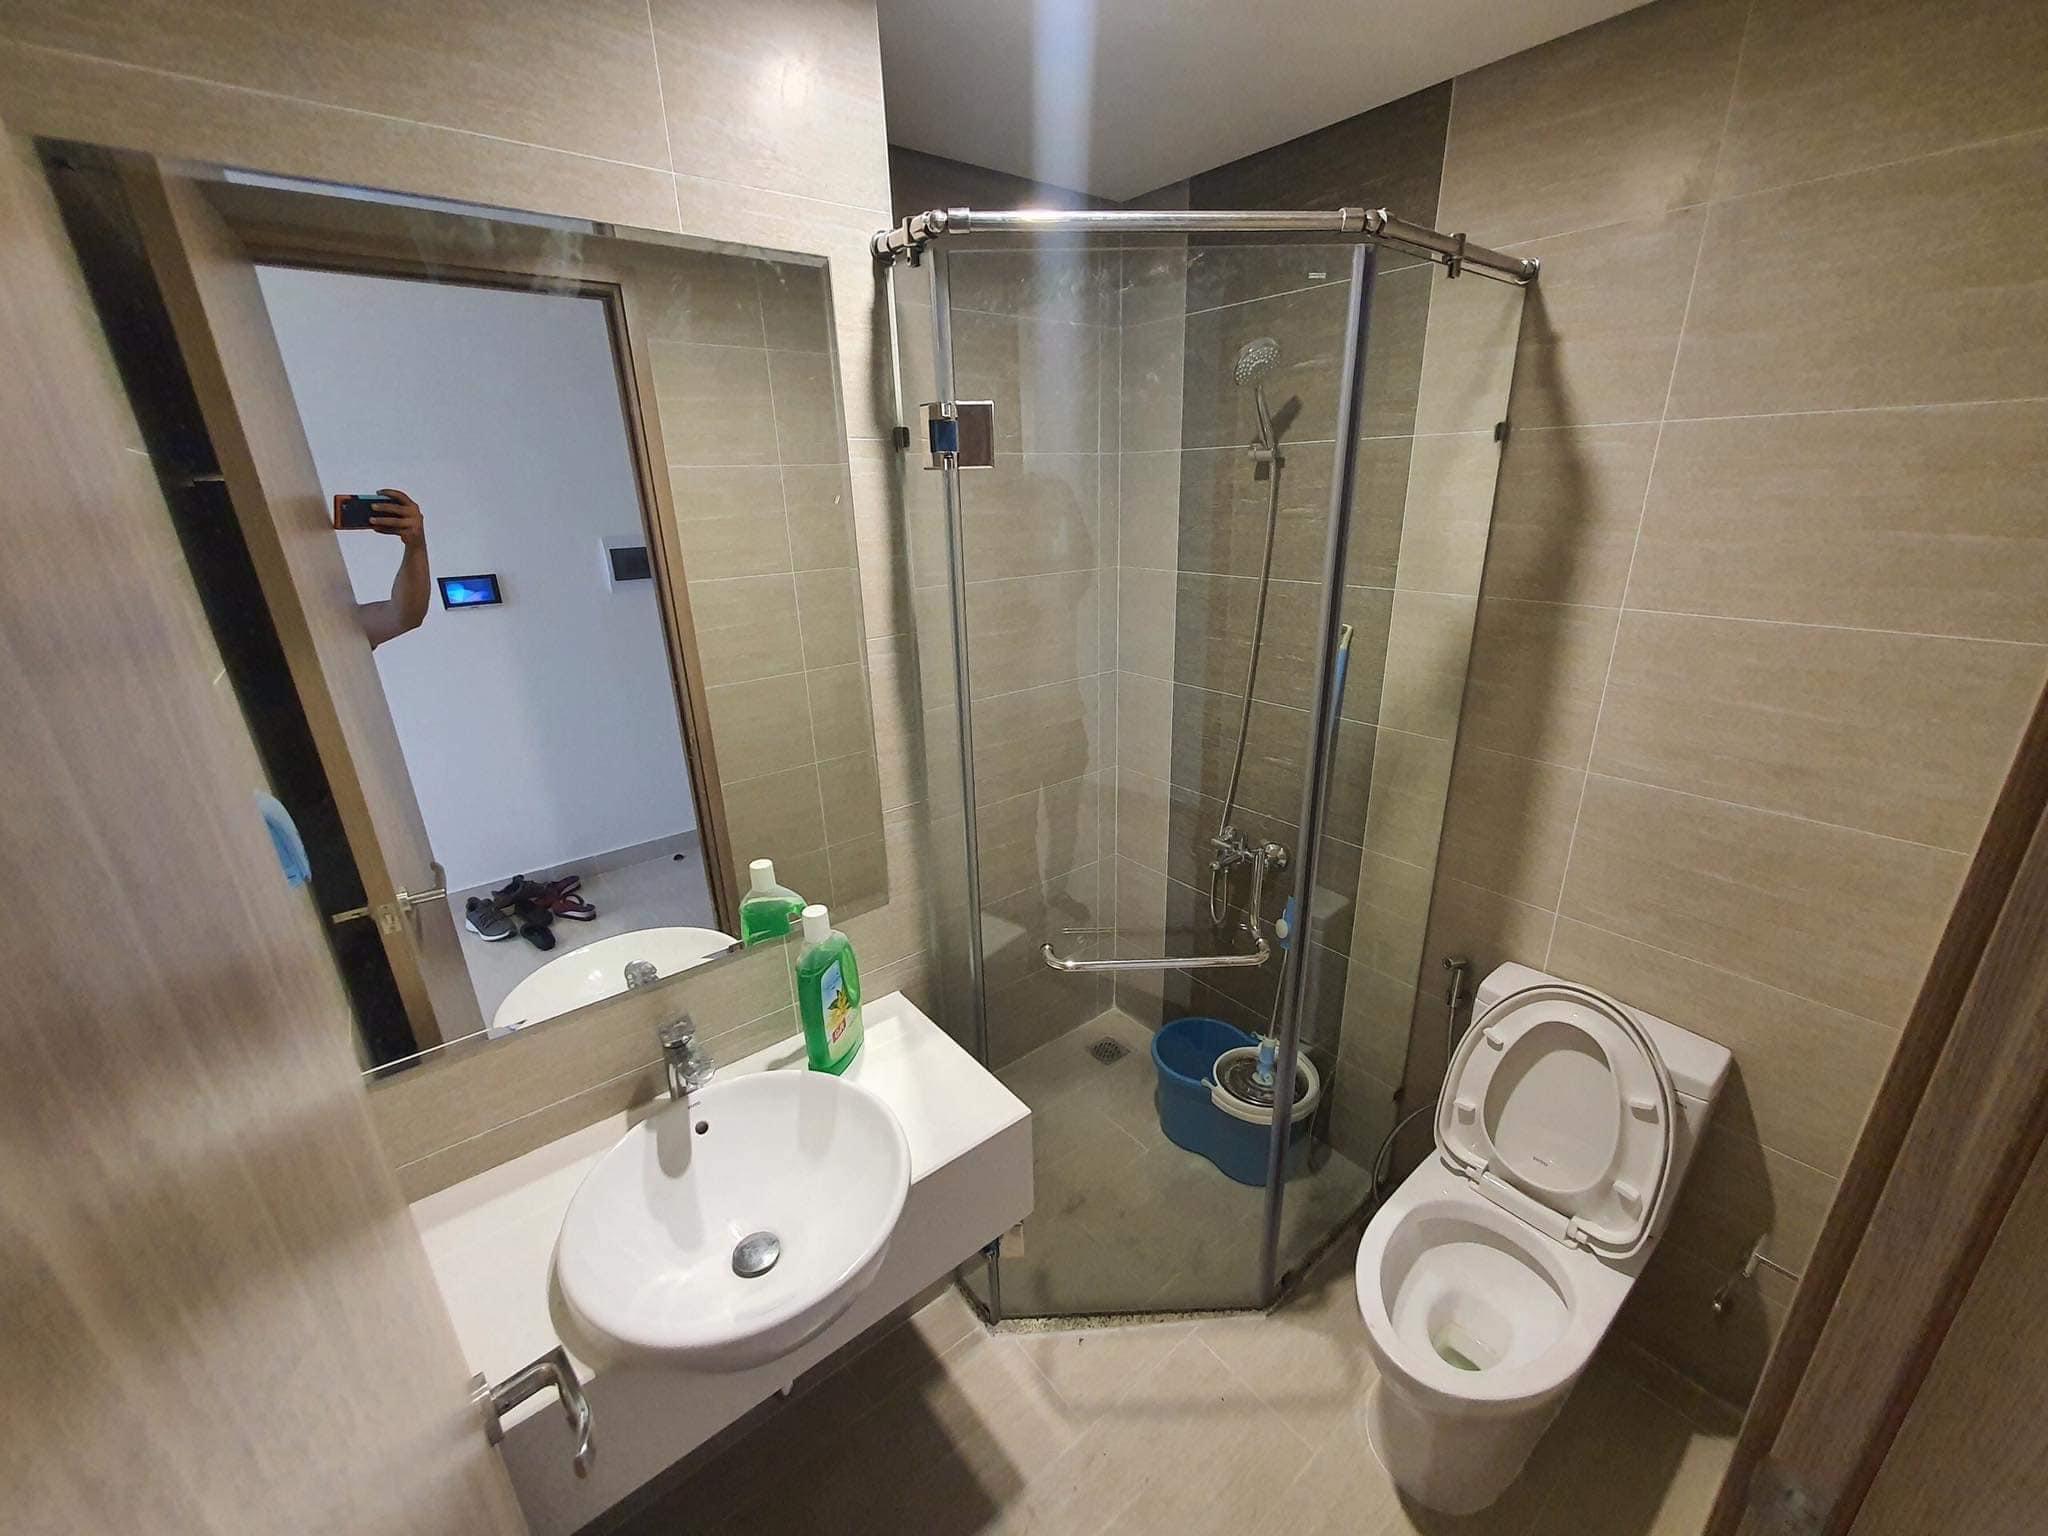 Căn hộ 2 phòng ngủ tầng 8 toà S1.06 đầy đủ nội thất giá 7,2tr/tháng 5